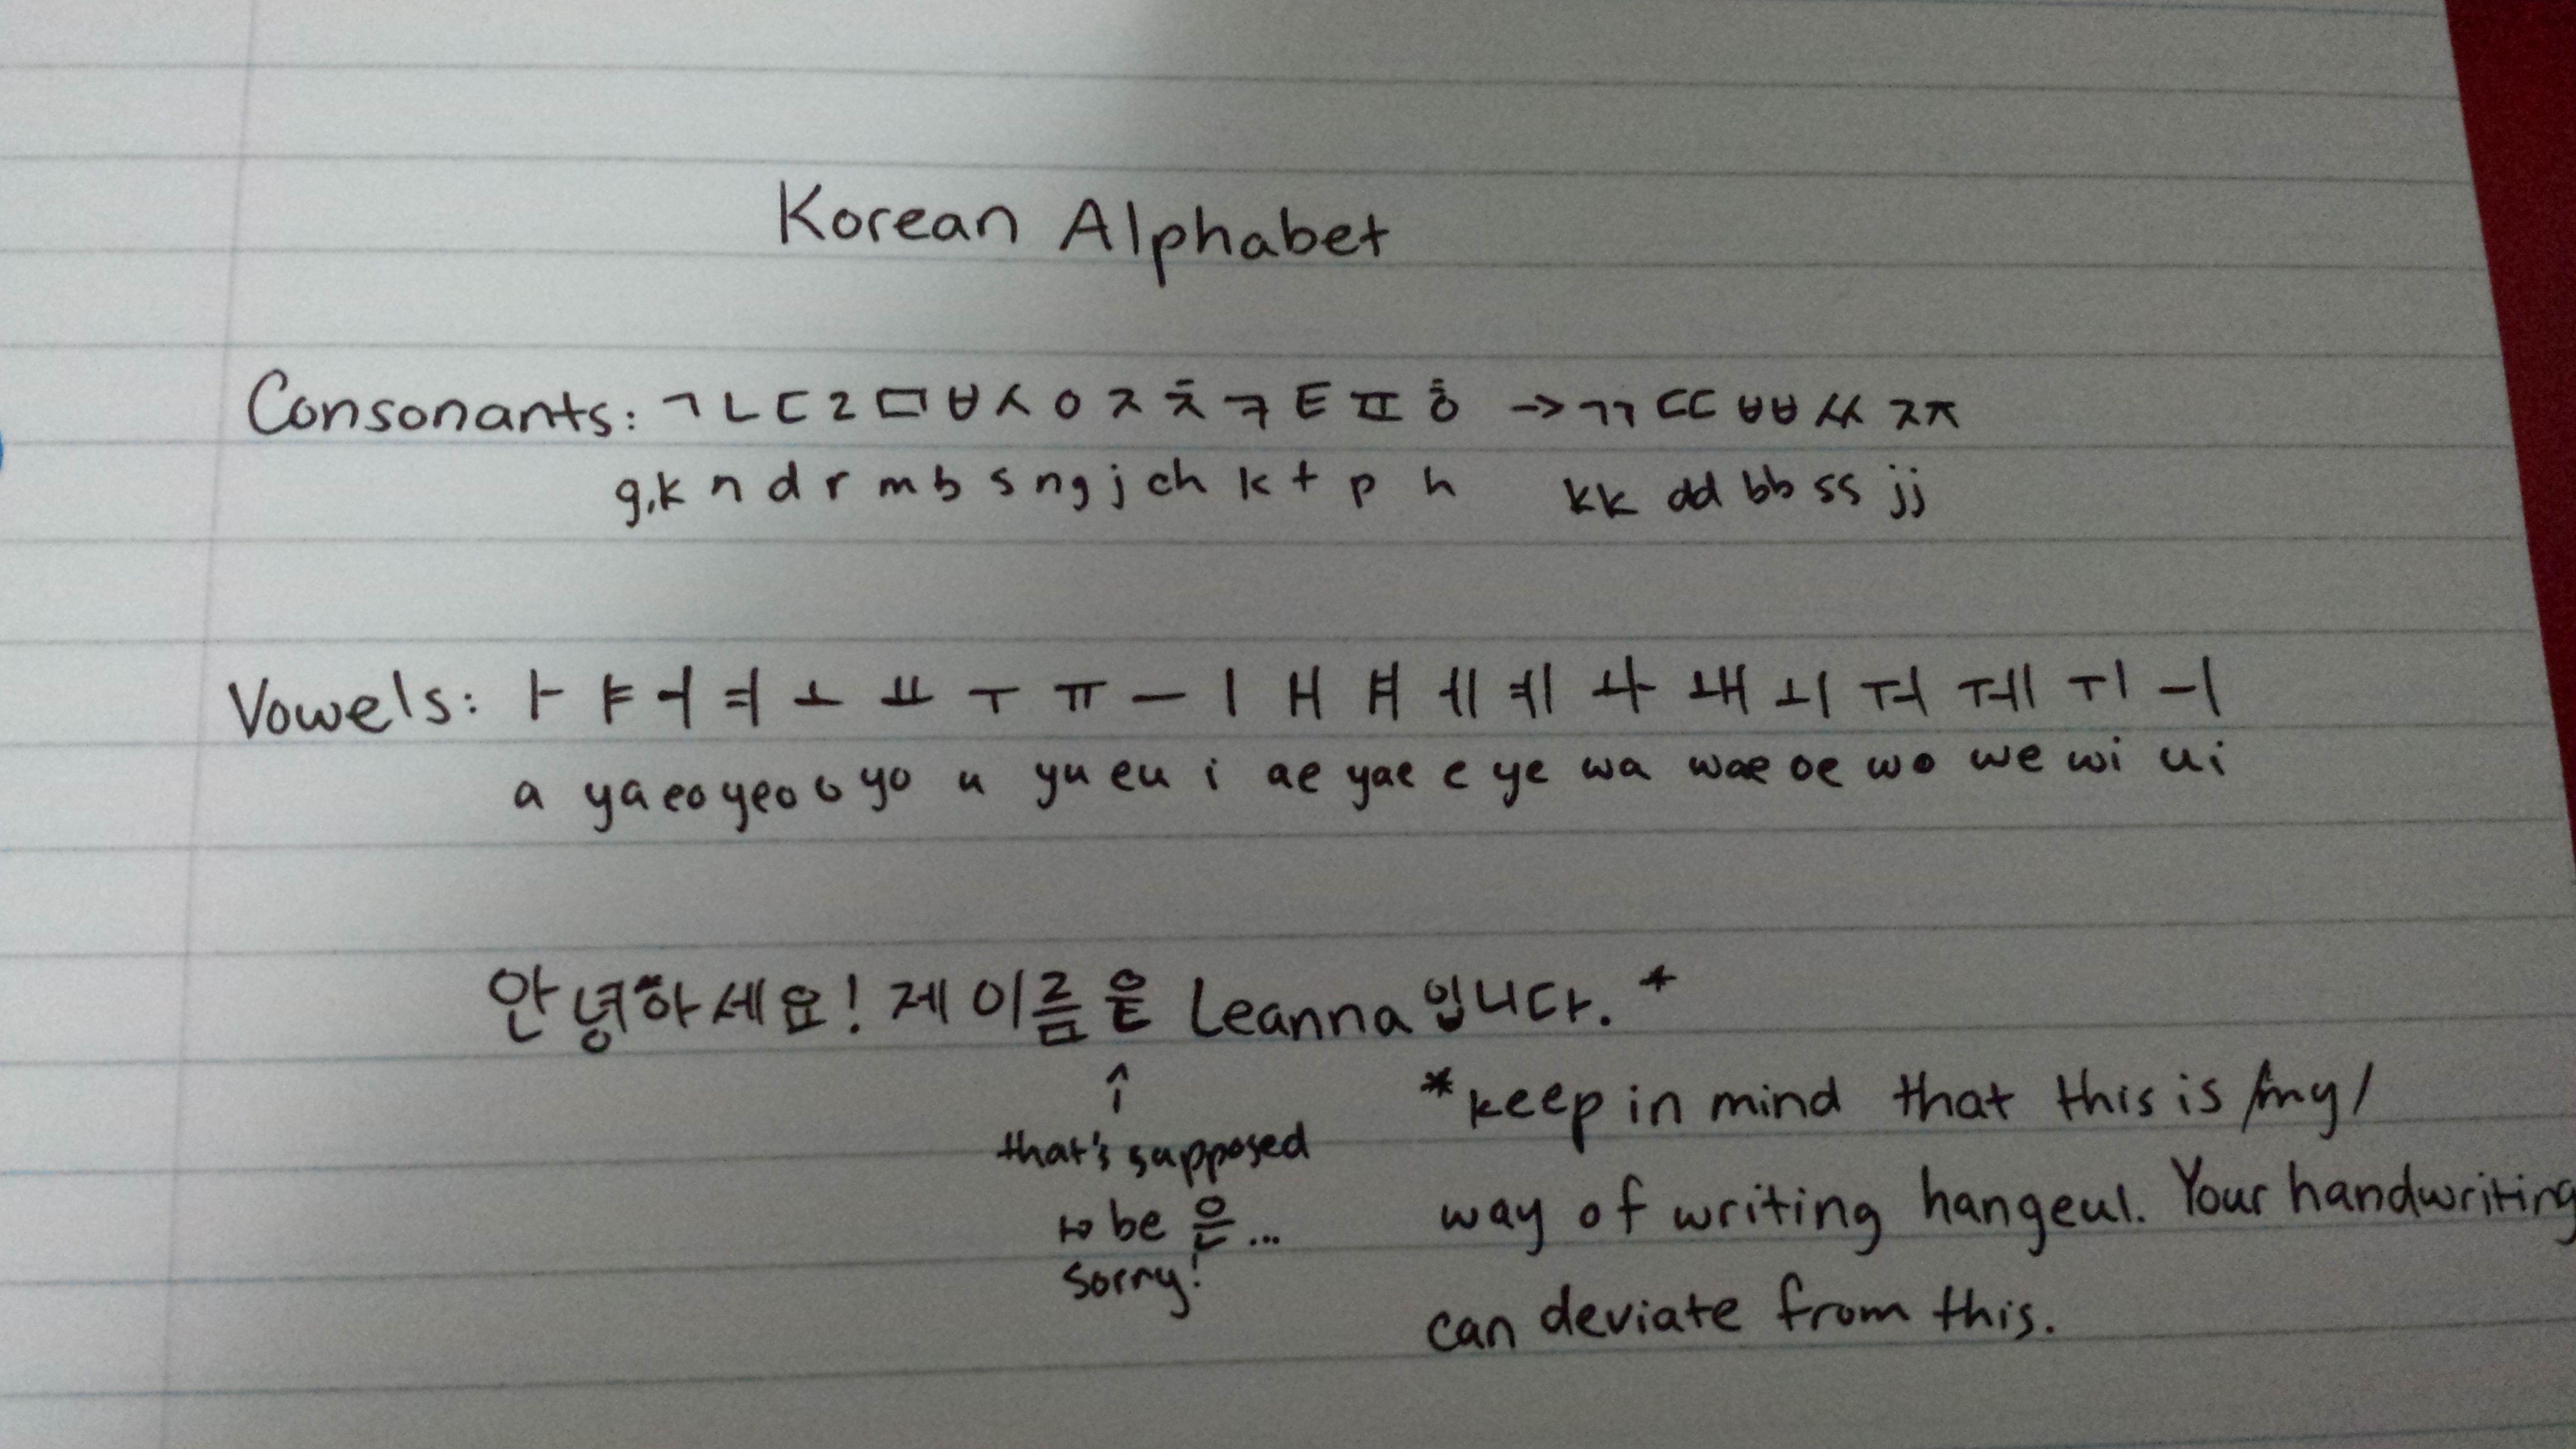 Hangul Handwriting Example